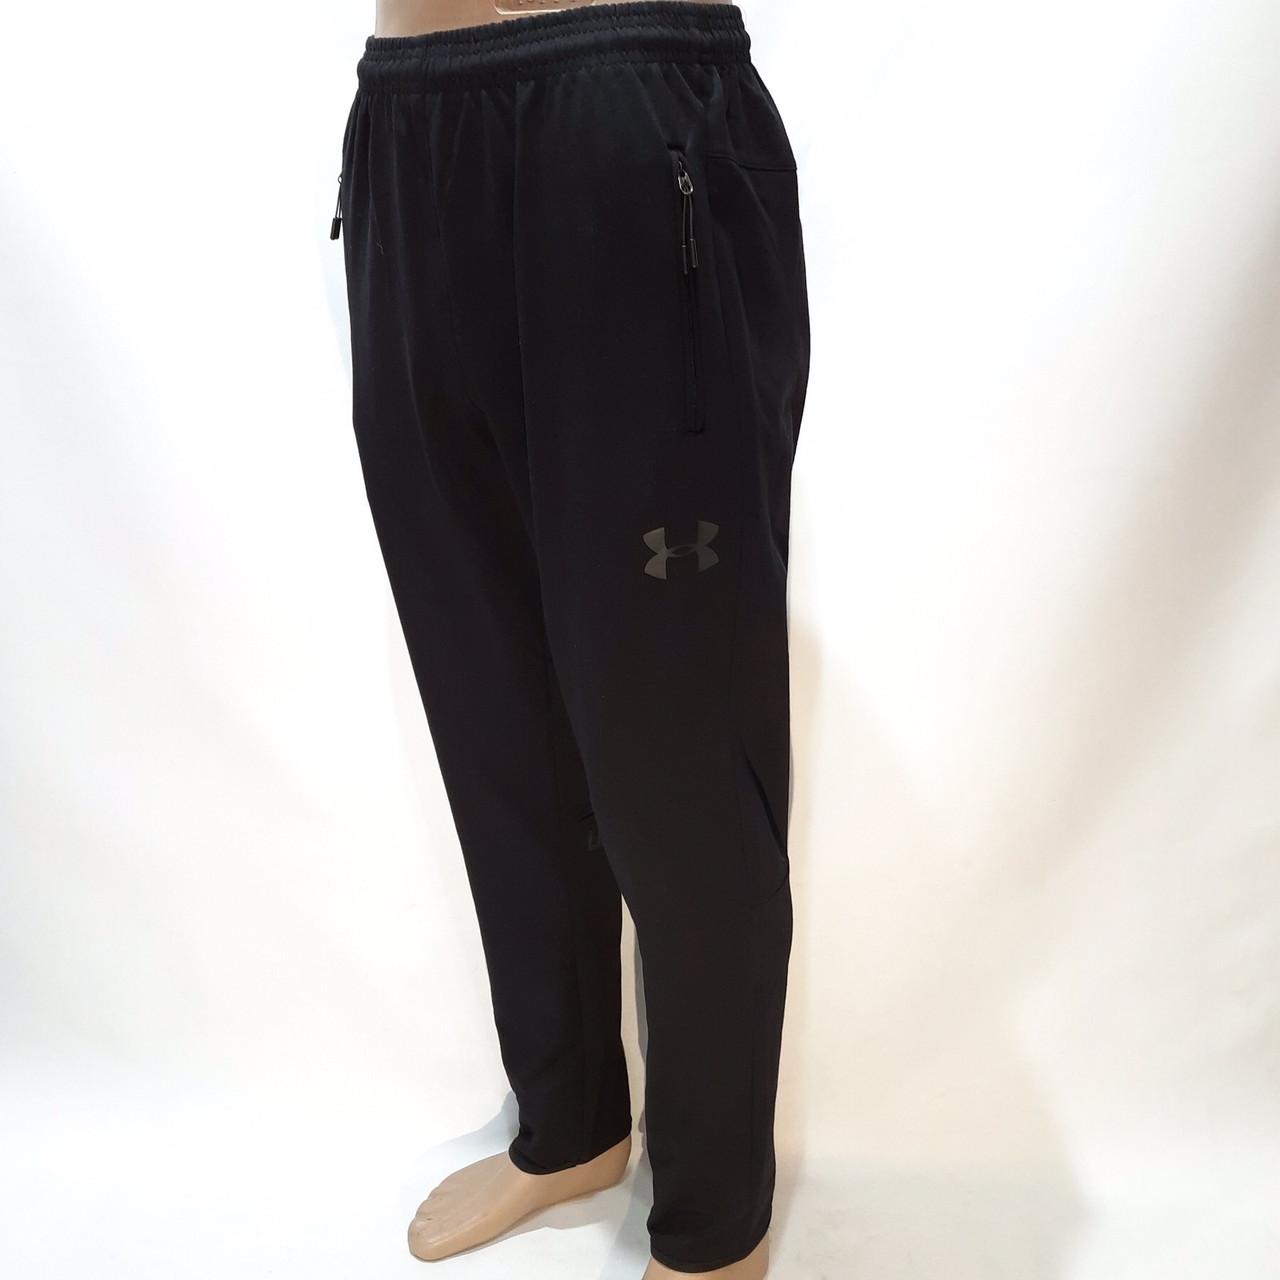 Мужские осенние спортивные штаны прямые хлопок M L XL XXL Черный